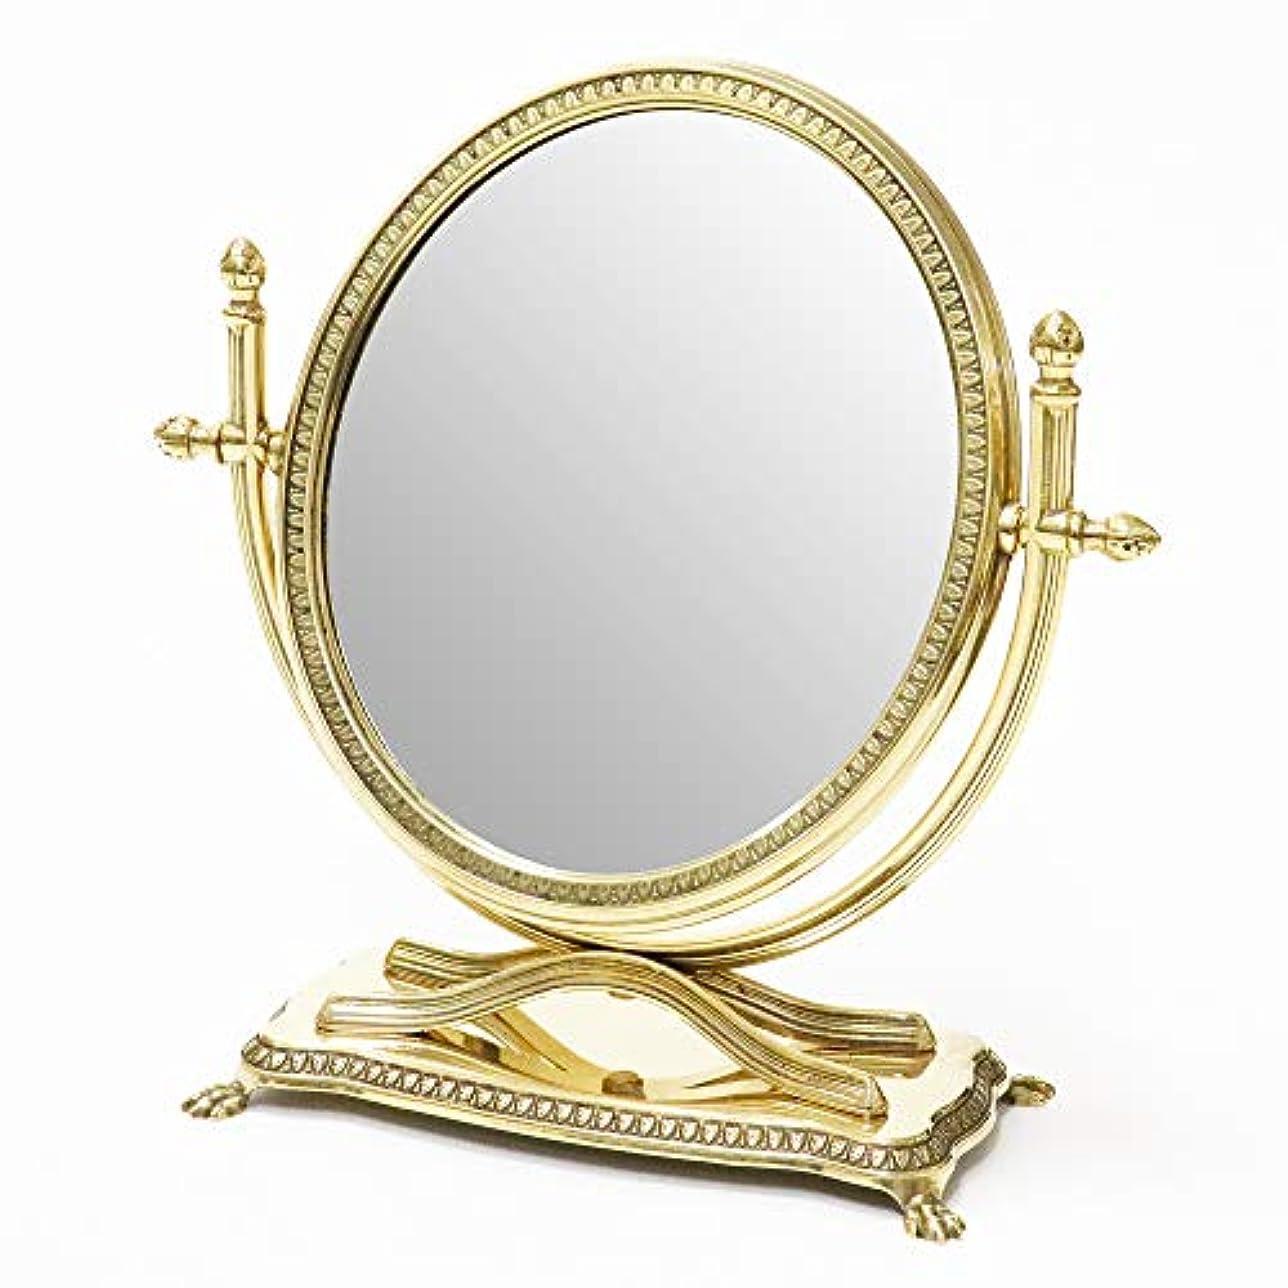 ニュージーランドワンダー放課後【イタリア製 真鍮(ブラス)】卓上ミラー&拡大鏡 W29×D11×H30cm / C3-1256